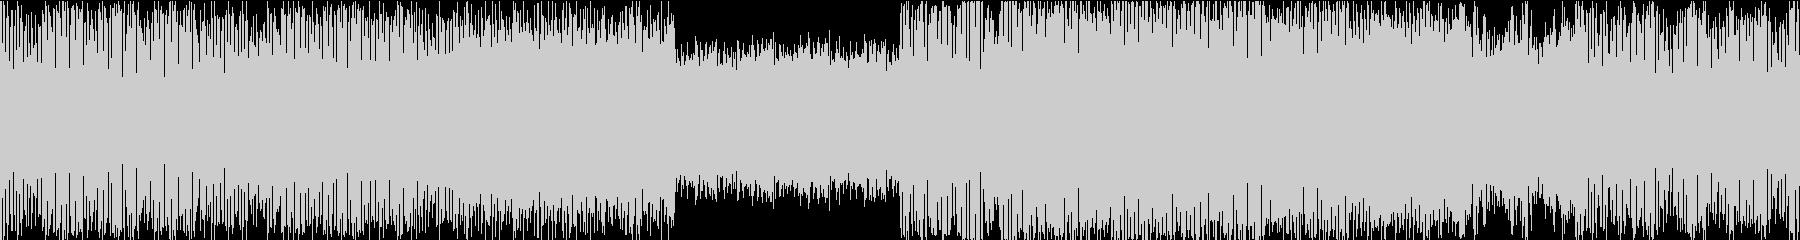 【ループ】リズム重視の重低音ダンス楽曲の未再生の波形